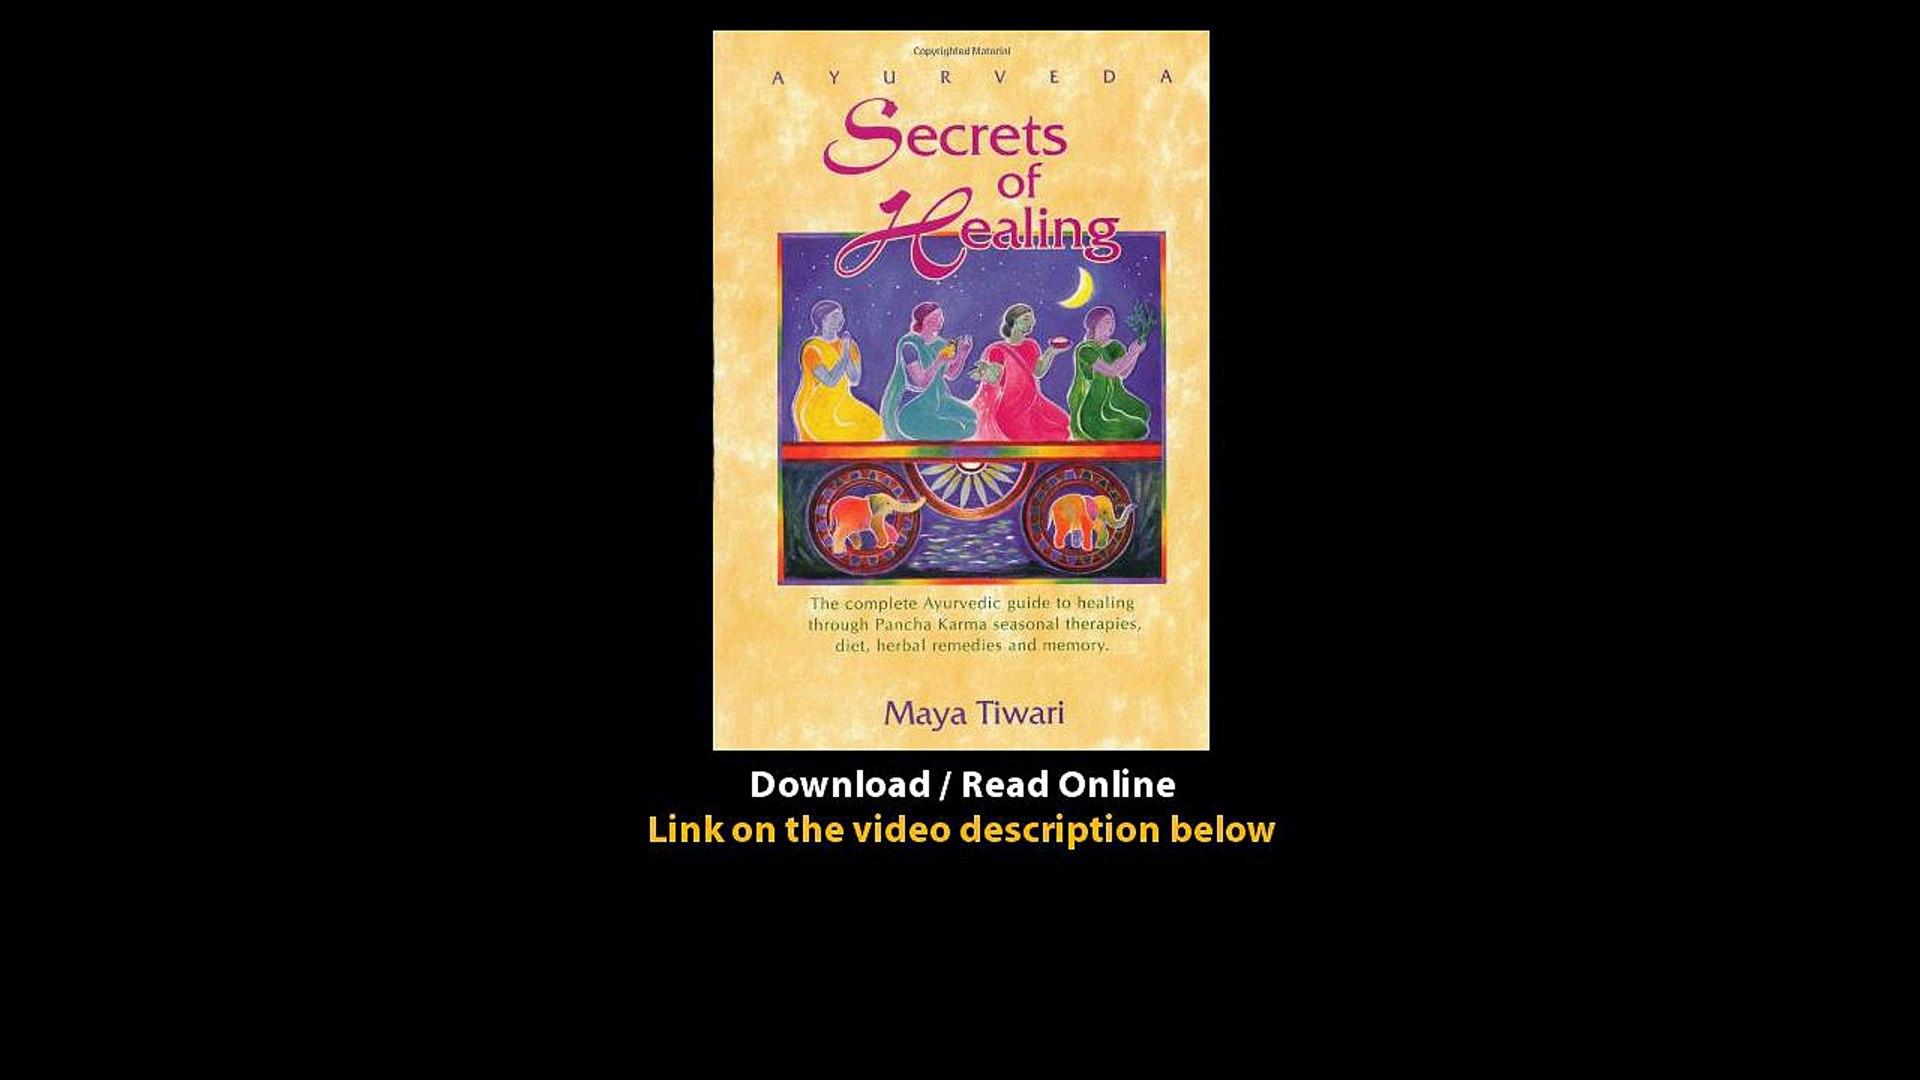 ayurveda secrets of healing maya tiwari free download